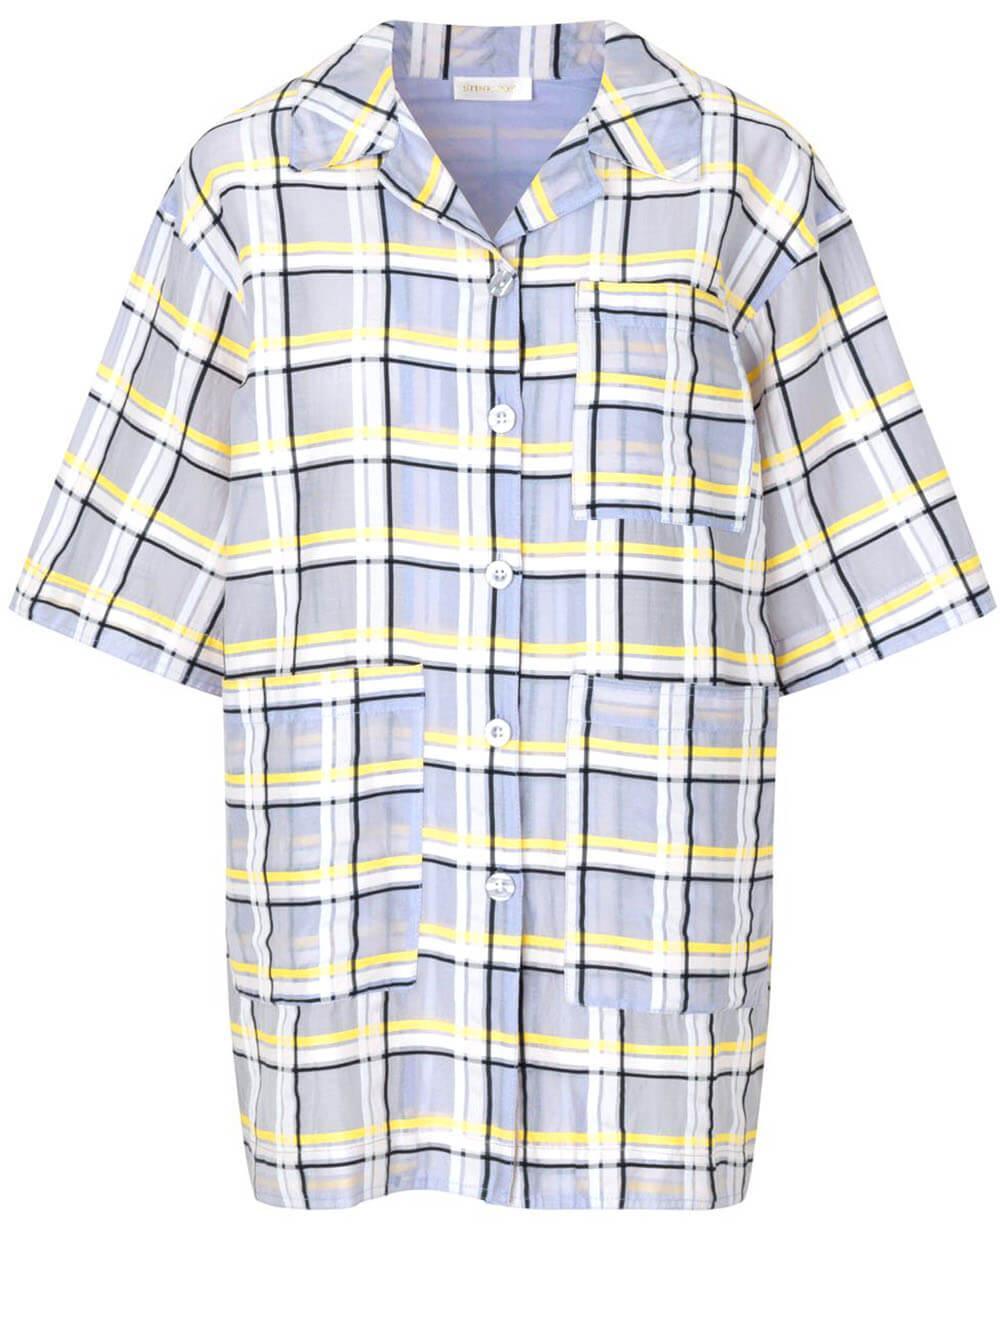 Skyla Camp Shirt Item # SG3568